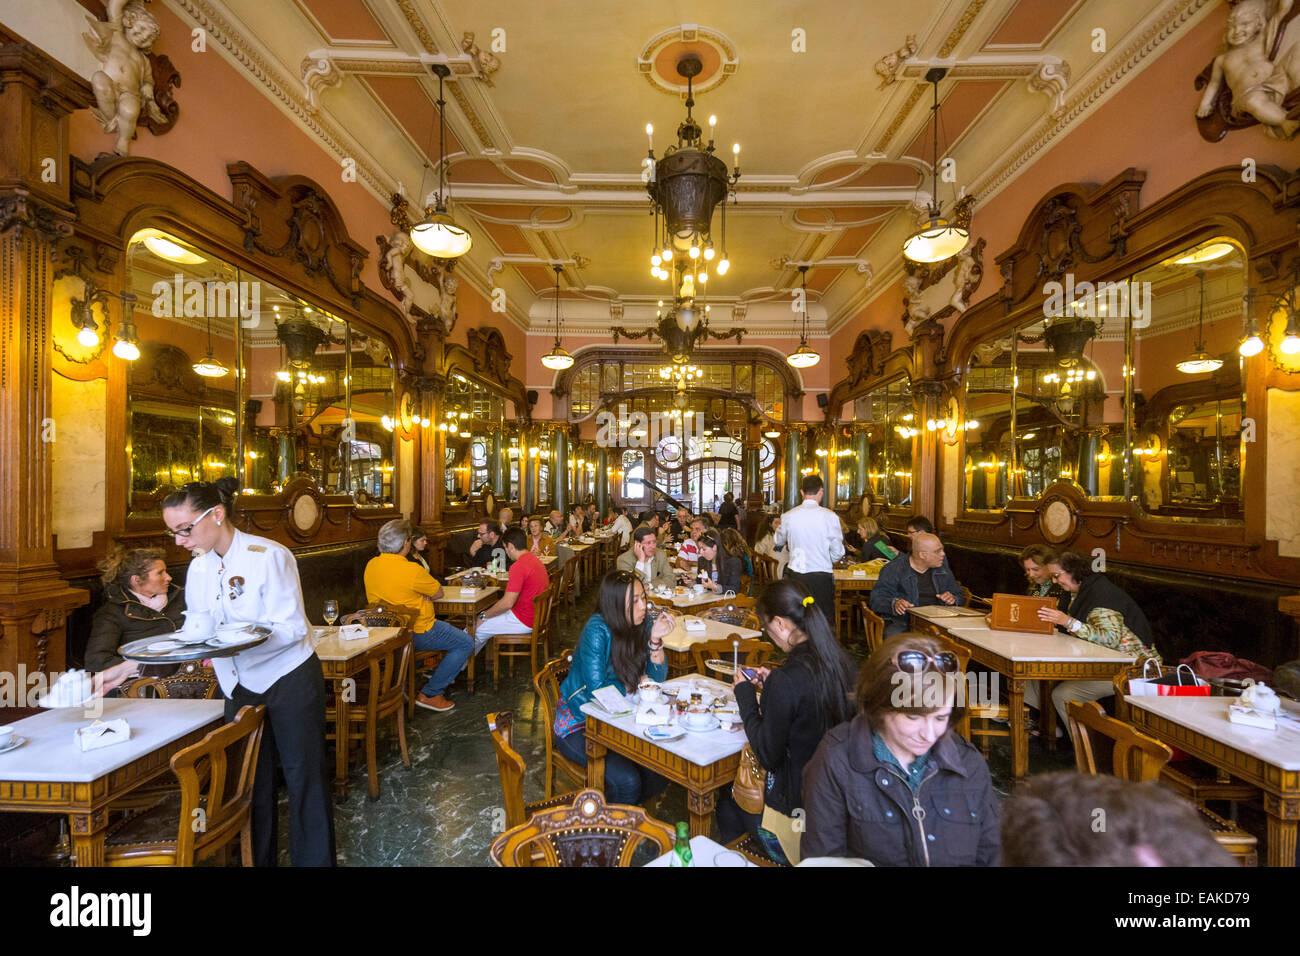 Café Majestic, Art nouveau café, taverne, restaurant, manger, District de Porto Porto, Portugal Photo Stock